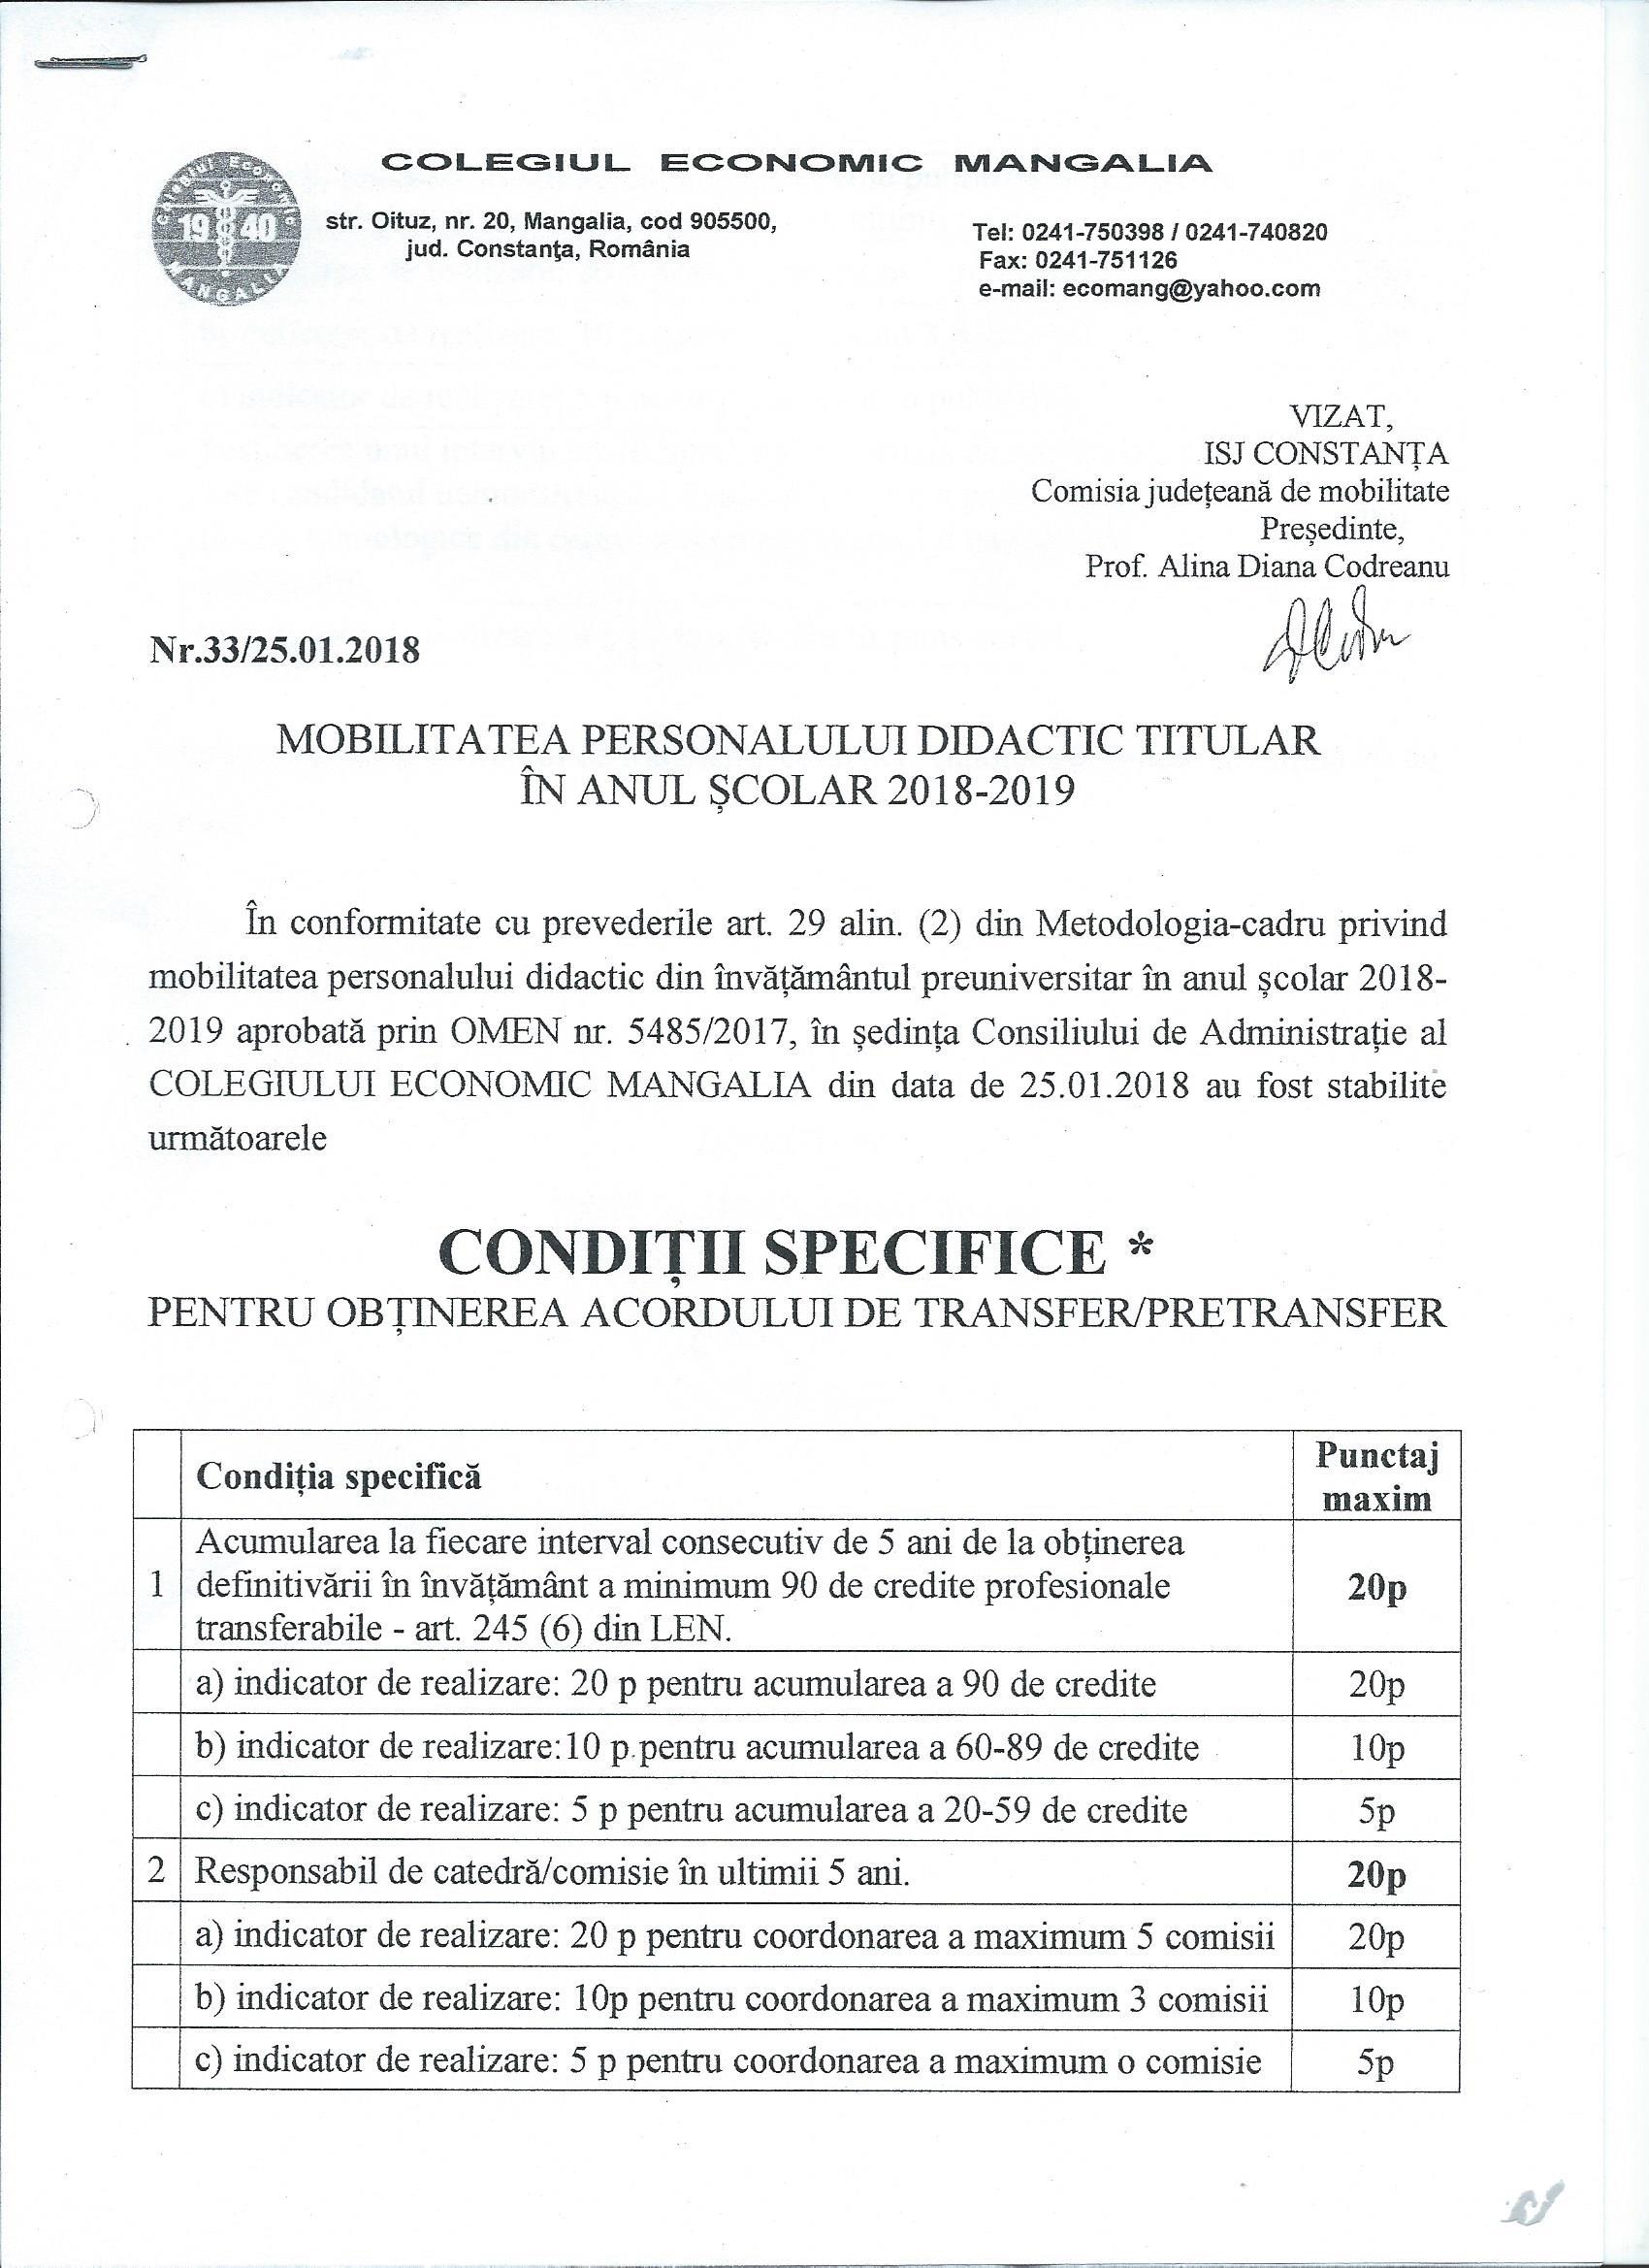 Conditii specifice 2018-2019_1